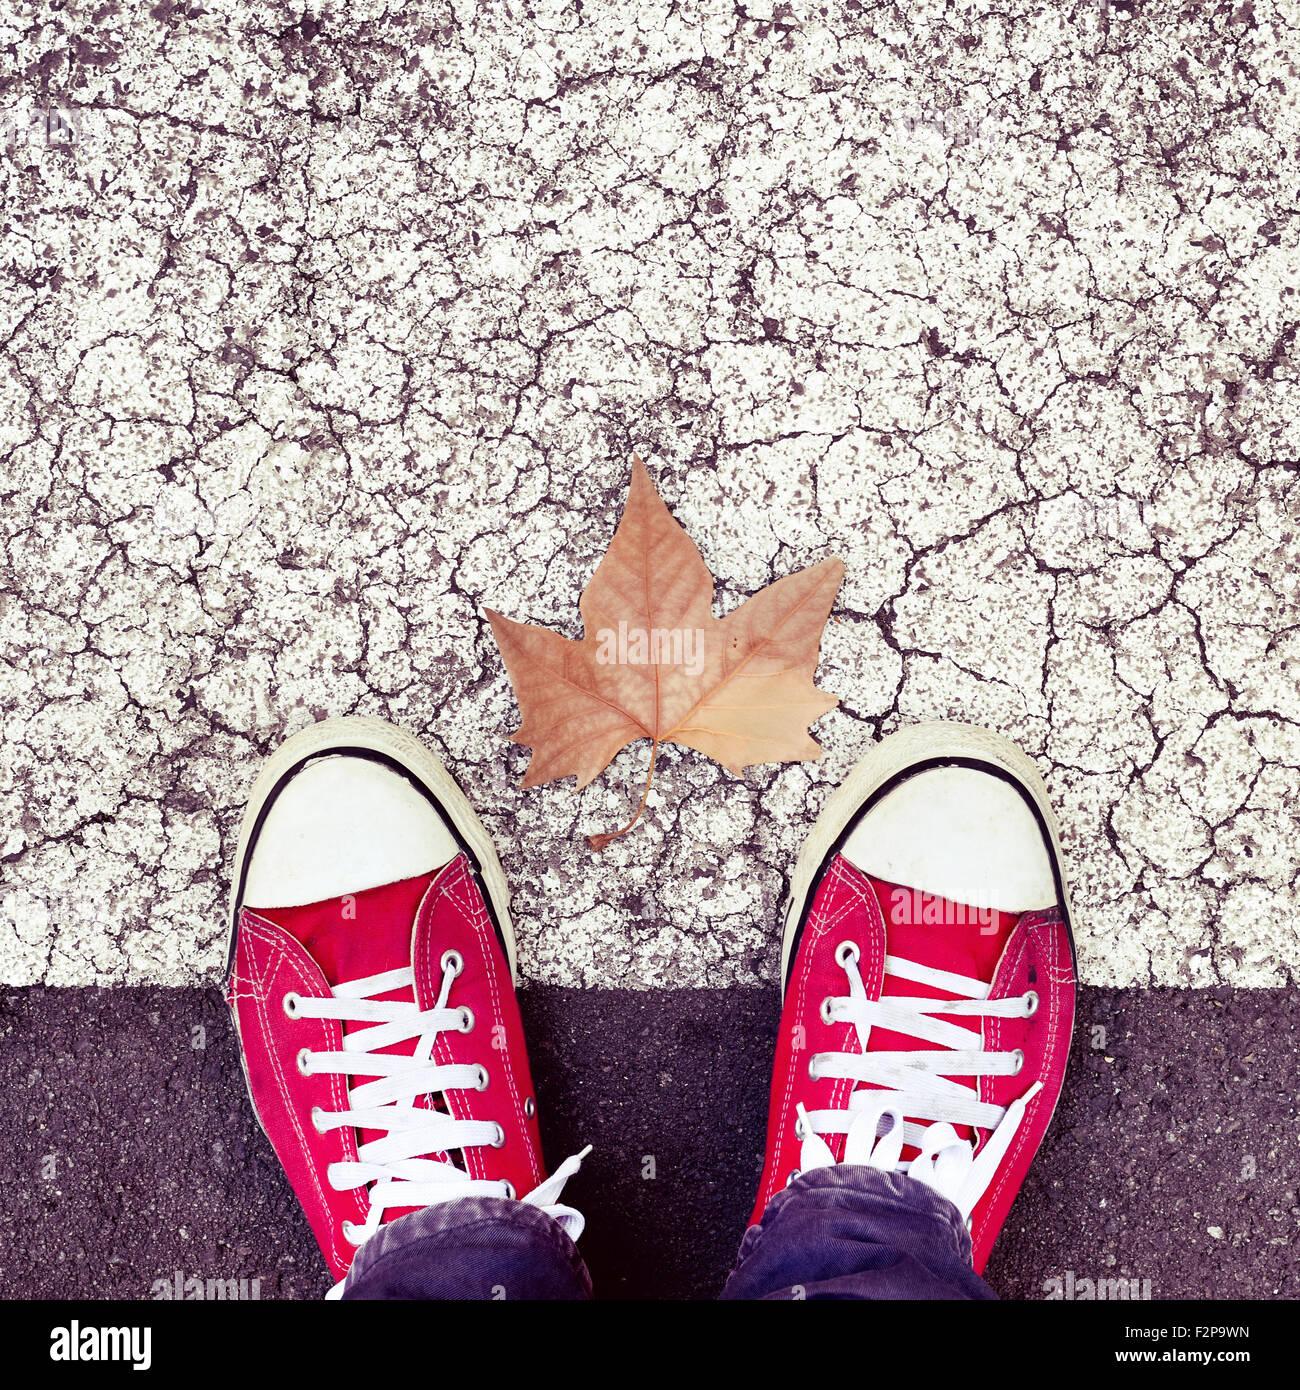 Capture d'un grand angle d'une feuille sèche et les pieds d'un homme portant des chaussures rouges Photo Stock